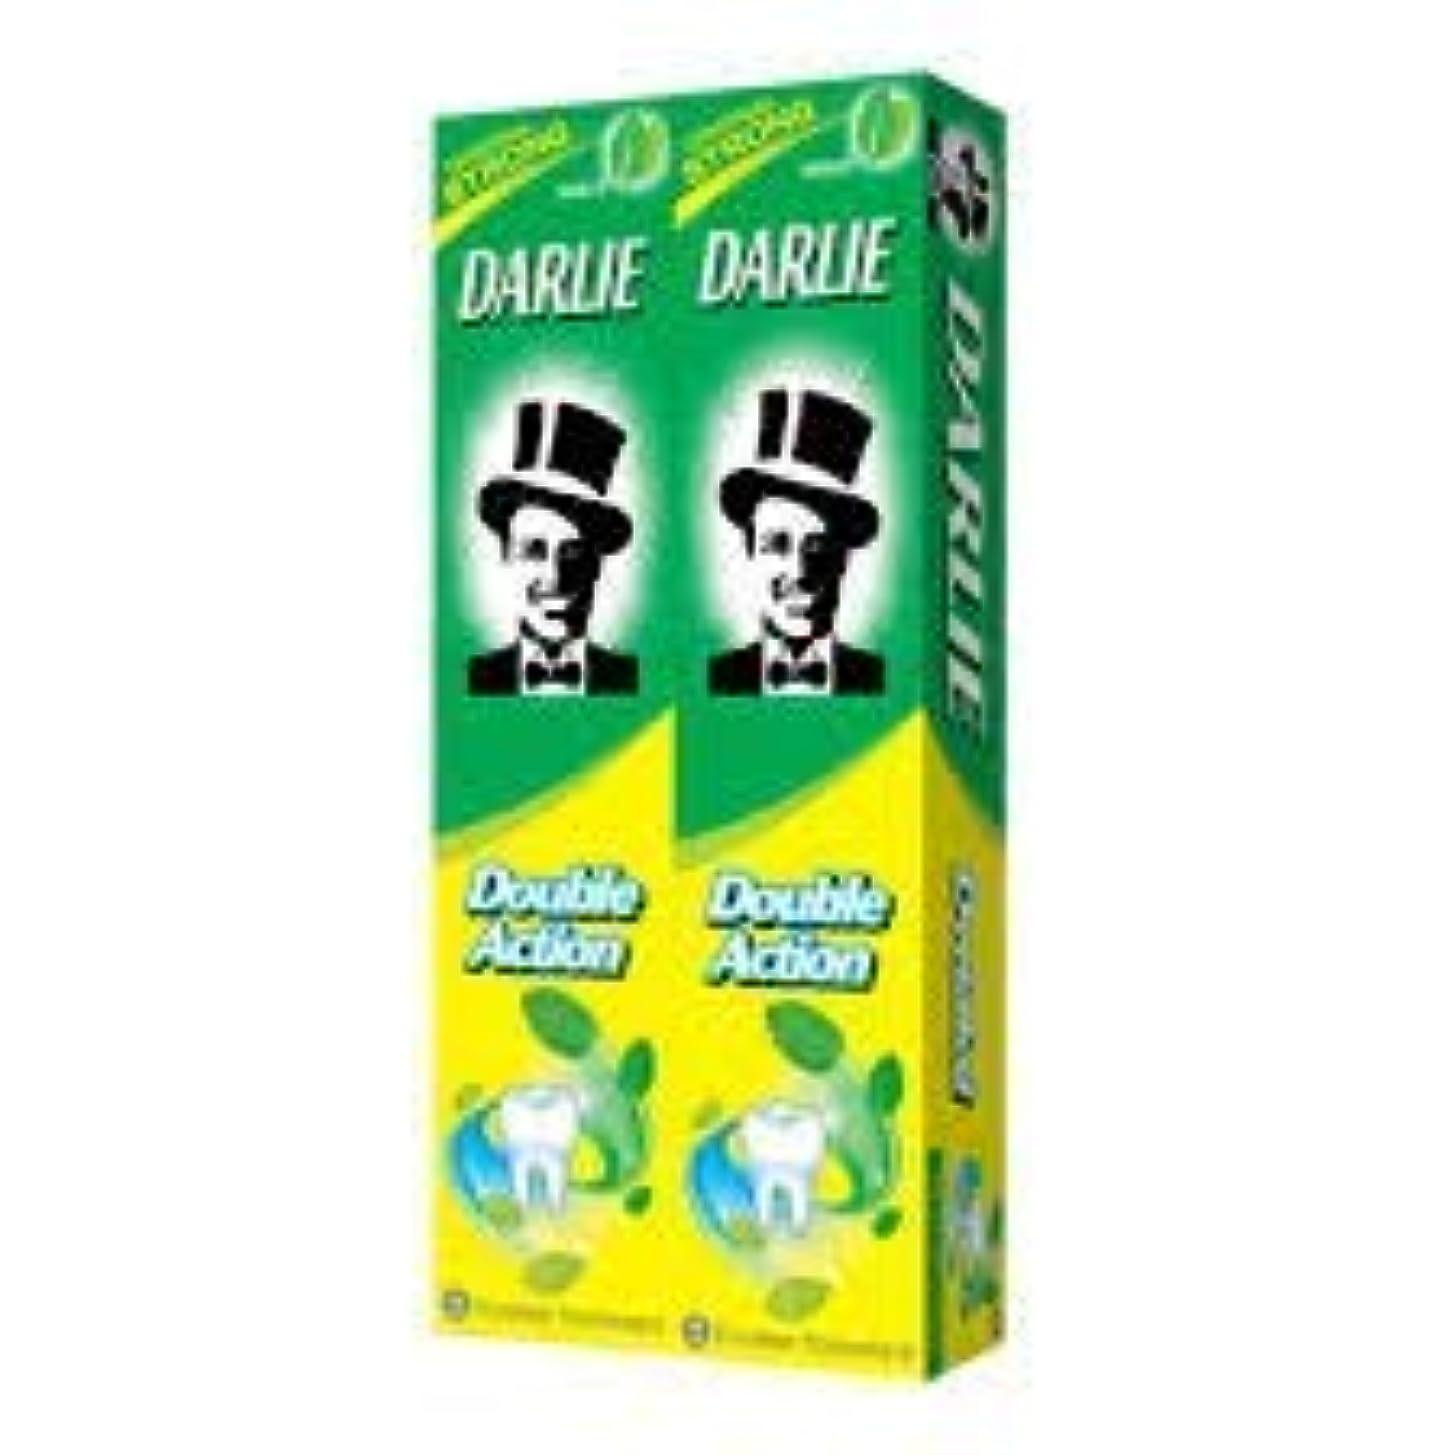 追放キャリッジ期待DARLIE 歯磨き粉2×225gの複動GWPは、より永続的な新鮮な息12時間-gives - 口腔細菌を減少させるのに有効